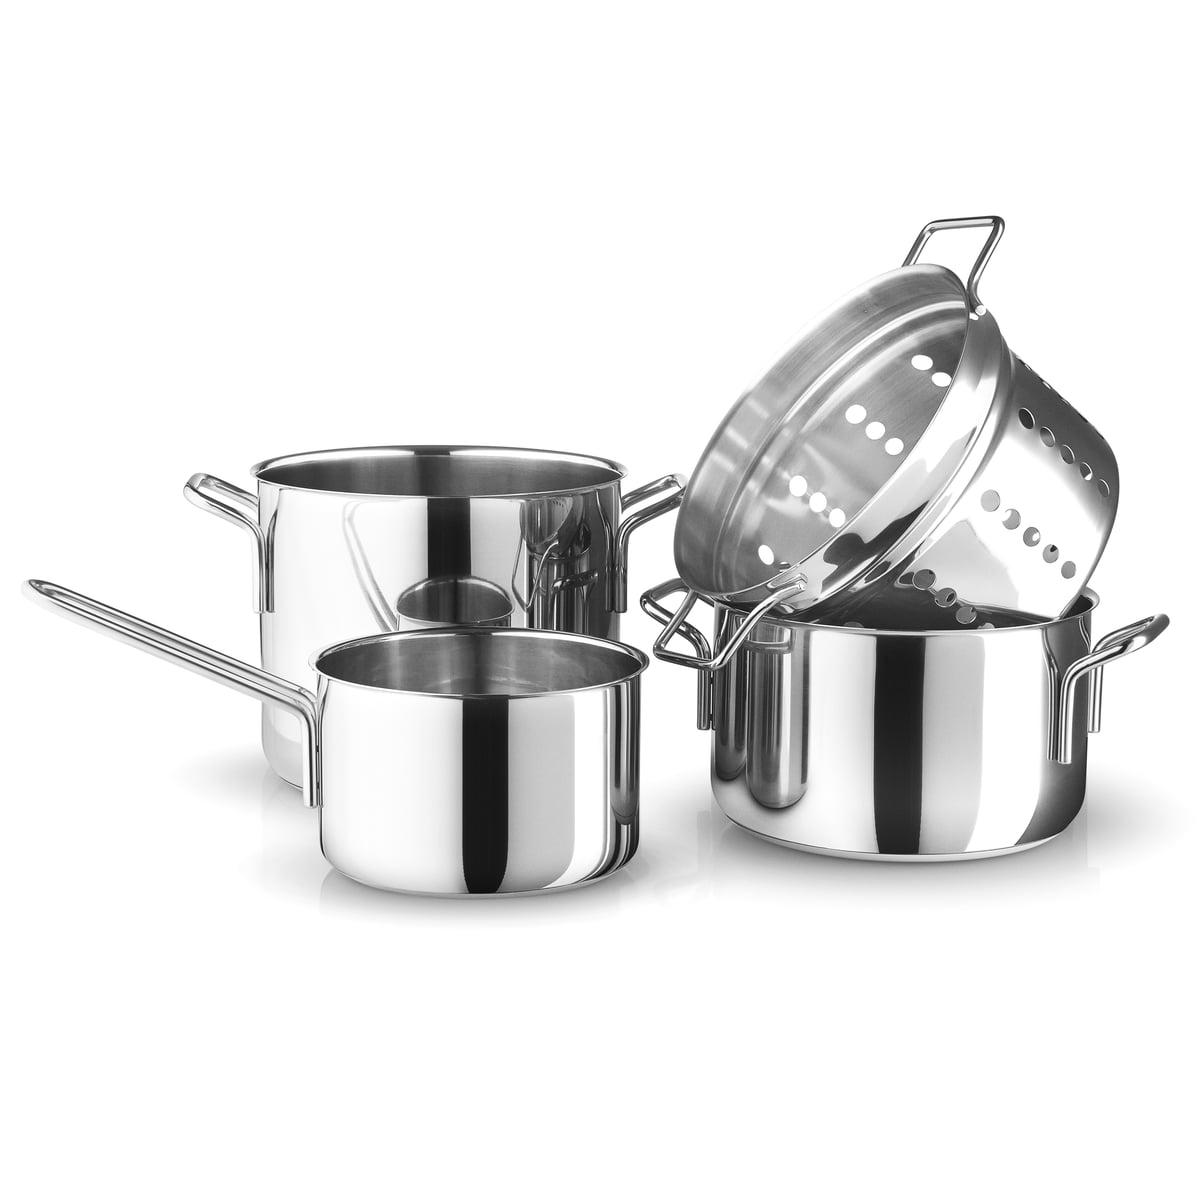 Batterie De Cuisine Gaz eva trio - batterie de cuisine stainless steel, casserole à manche 1,8 l /  cocotte 3,6 l / cocotte 4,8 l / égouttoir pour pâtes